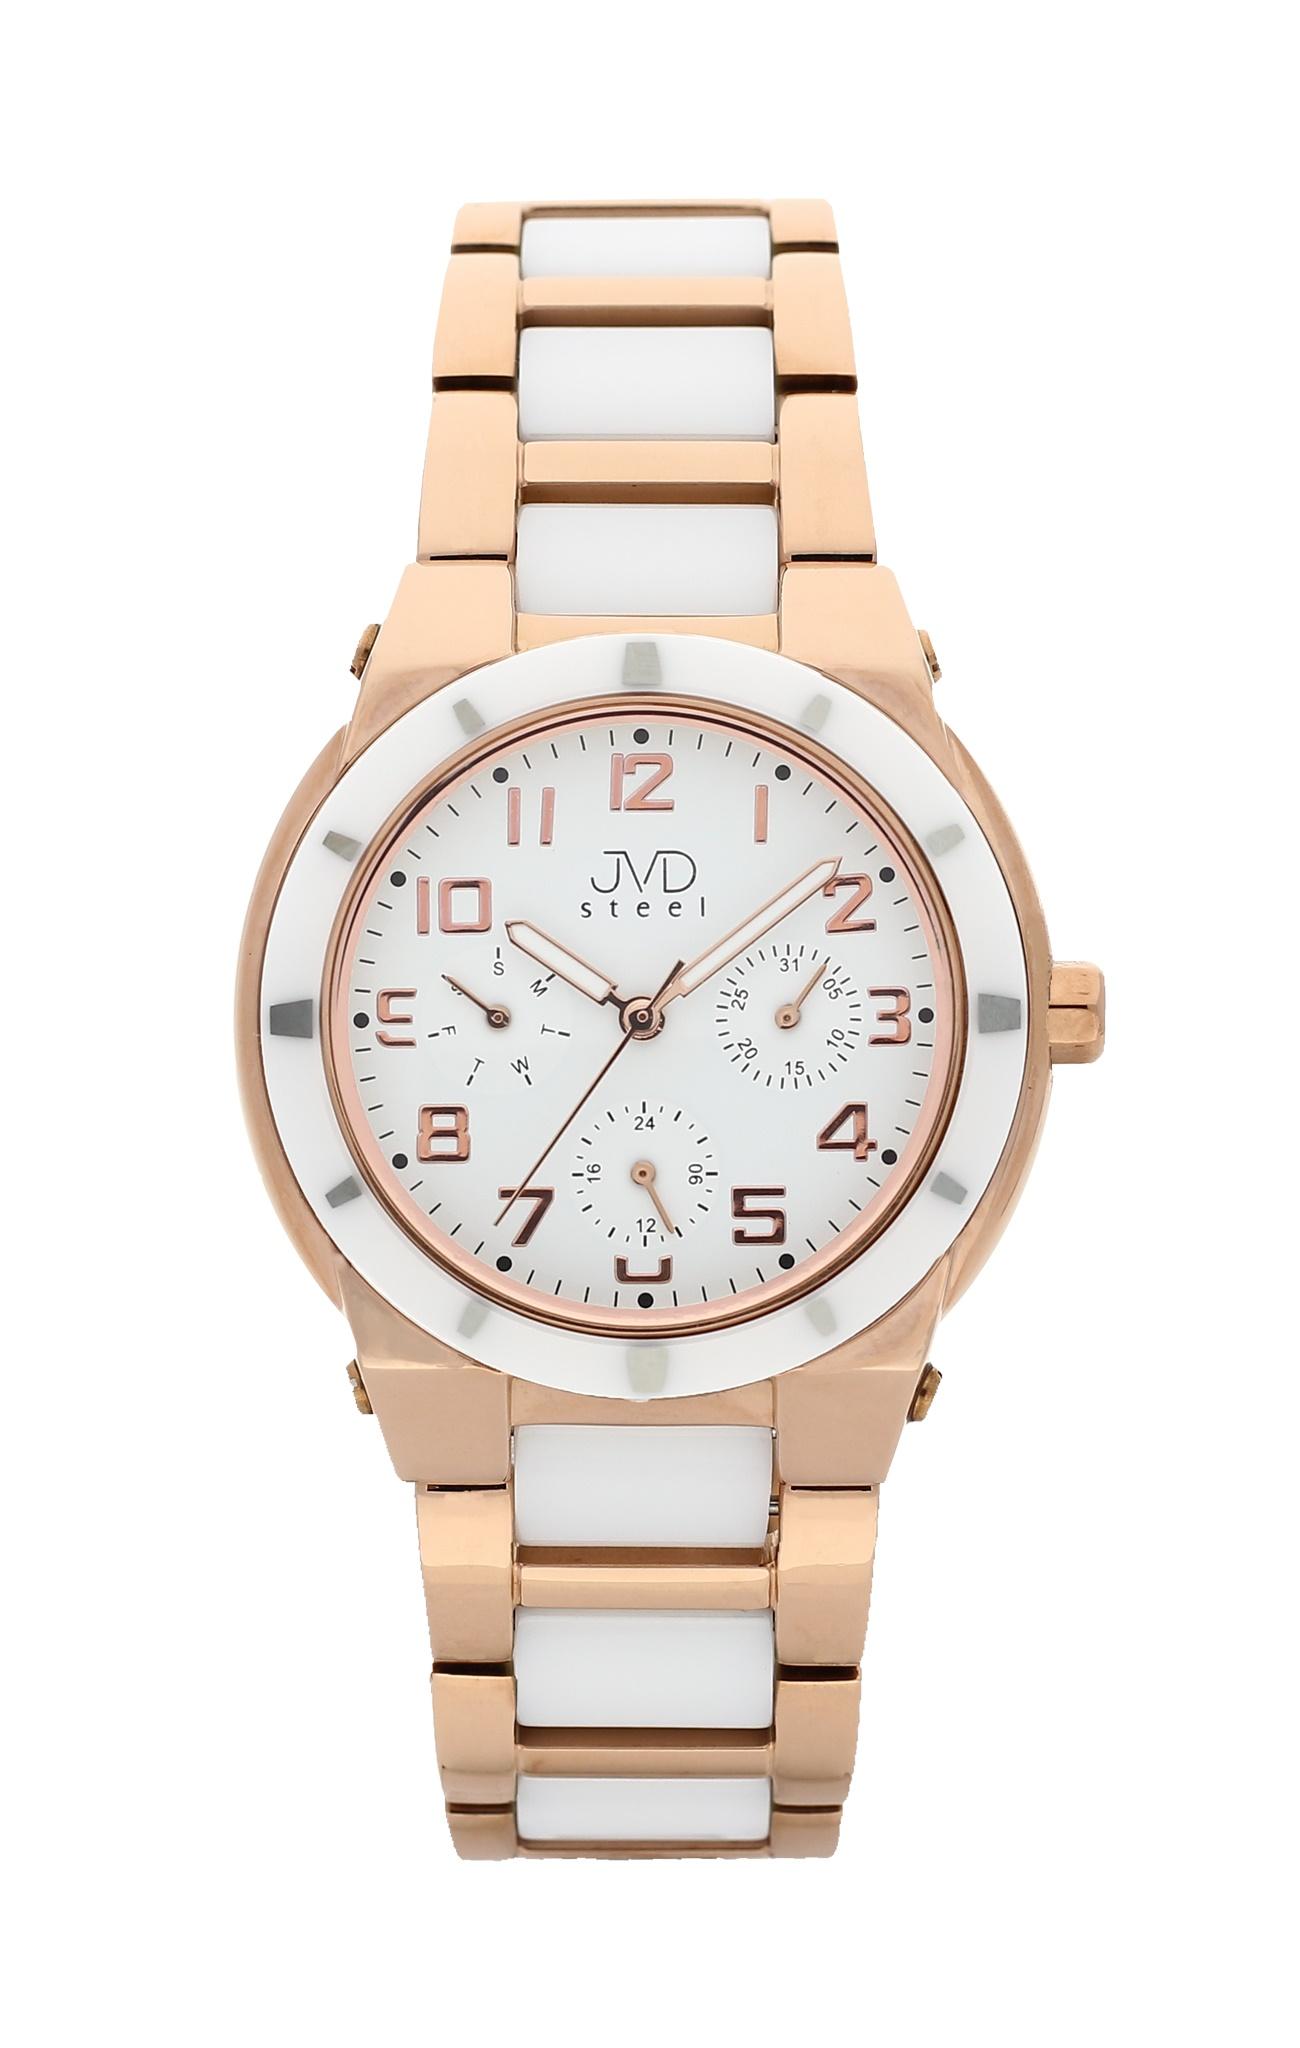 Dámský chronograf - keramické hodinky JVD steel J4131.2 s keramickou lunetou (POŠTOVNÉ ZDARMA!!)